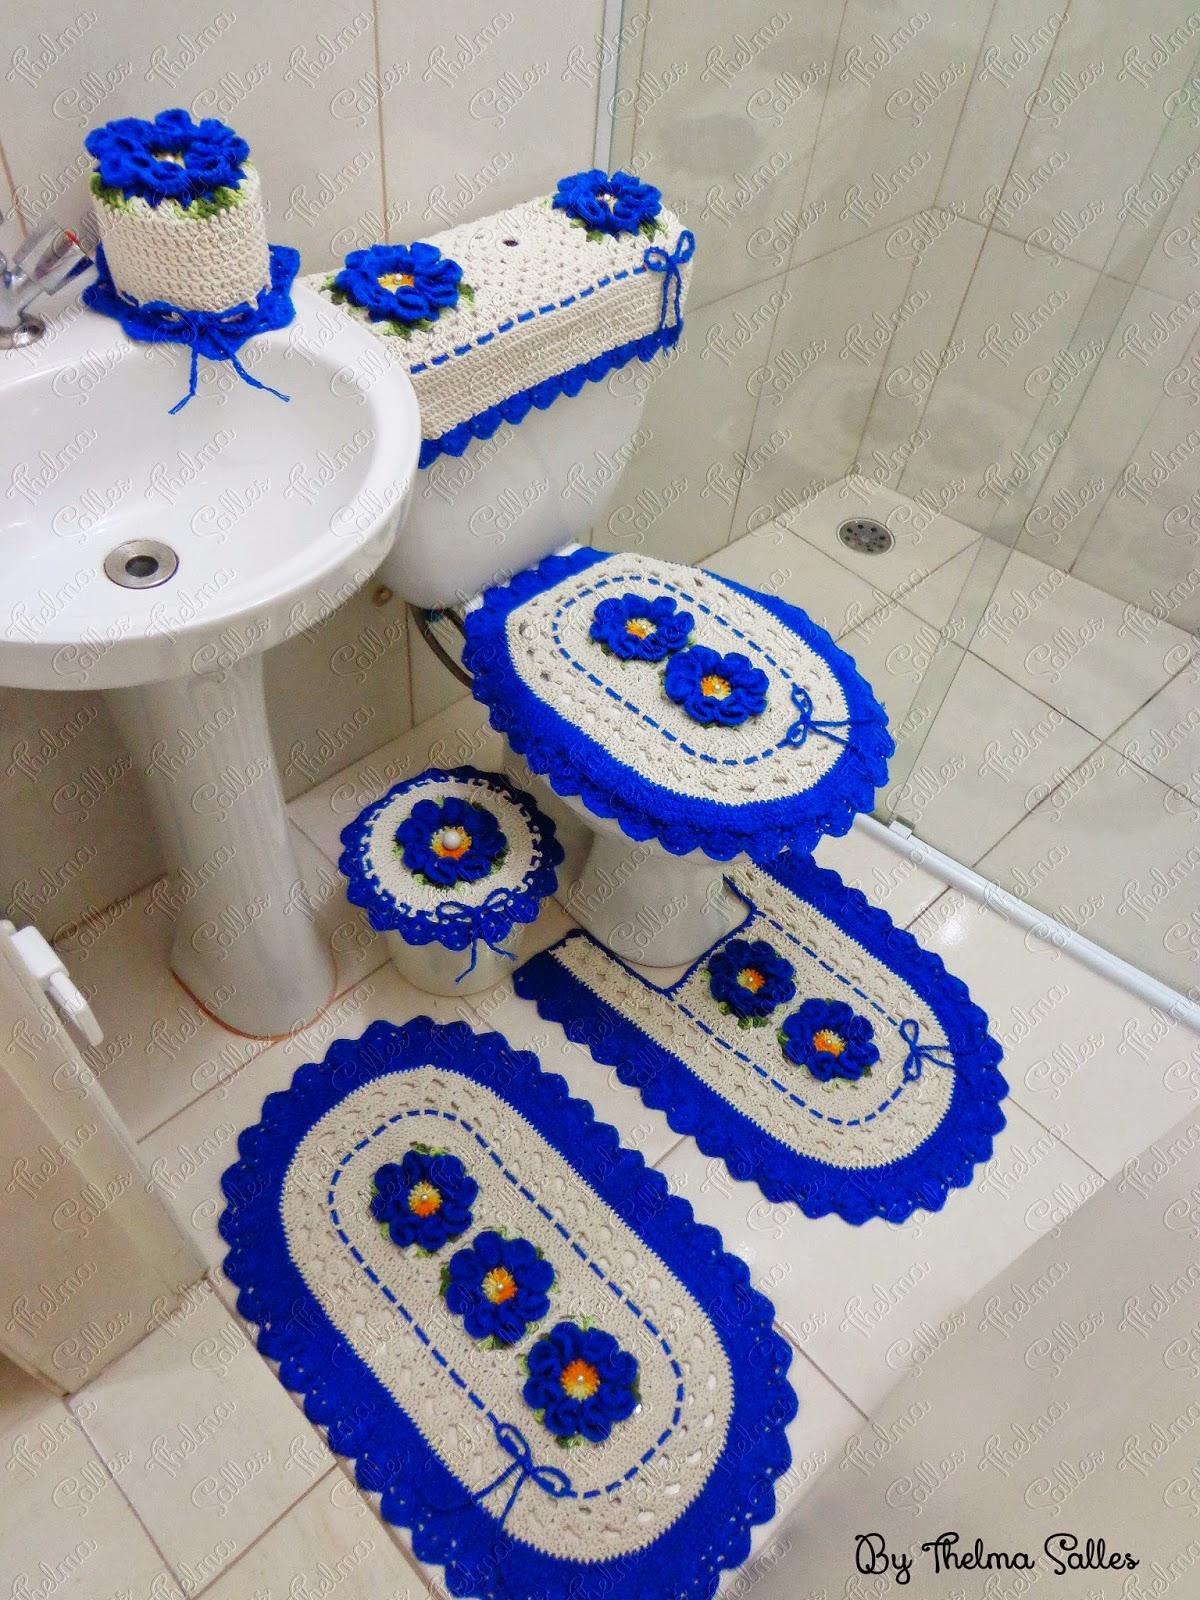 #0325C3 Jogo de banheiro de barbante em crochê 1200x1600 px tapete para banheiro em l